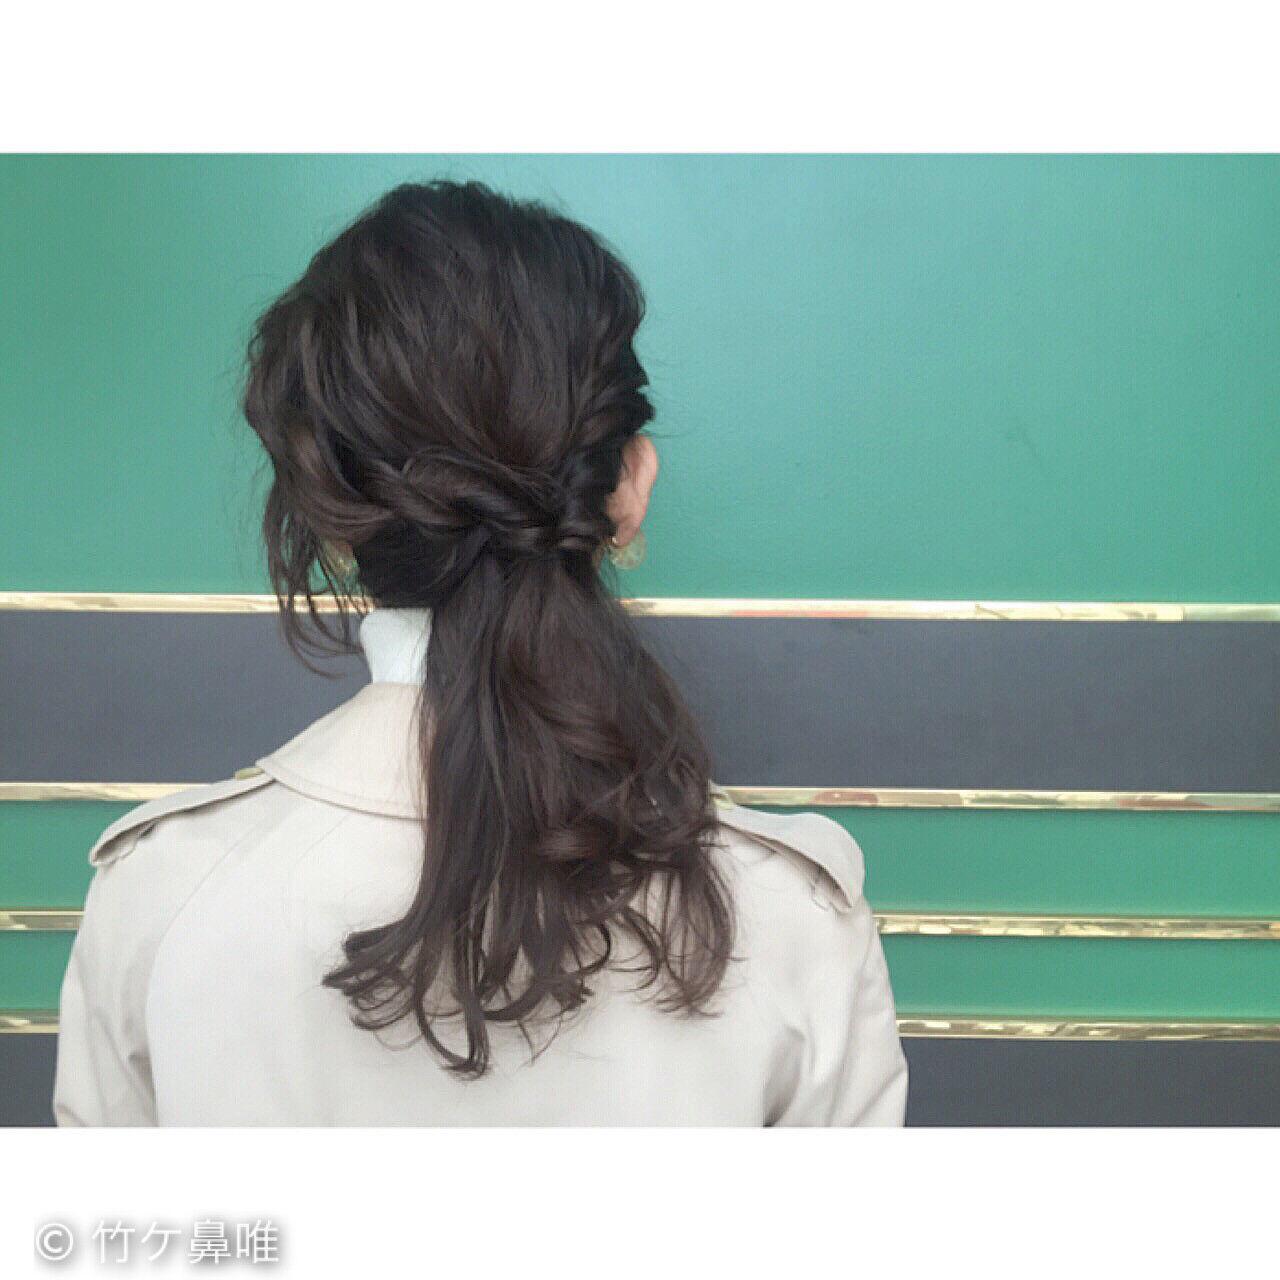 黒髪 ガーリー ショート 簡単ヘアアレンジヘアスタイルや髪型の写真・画像